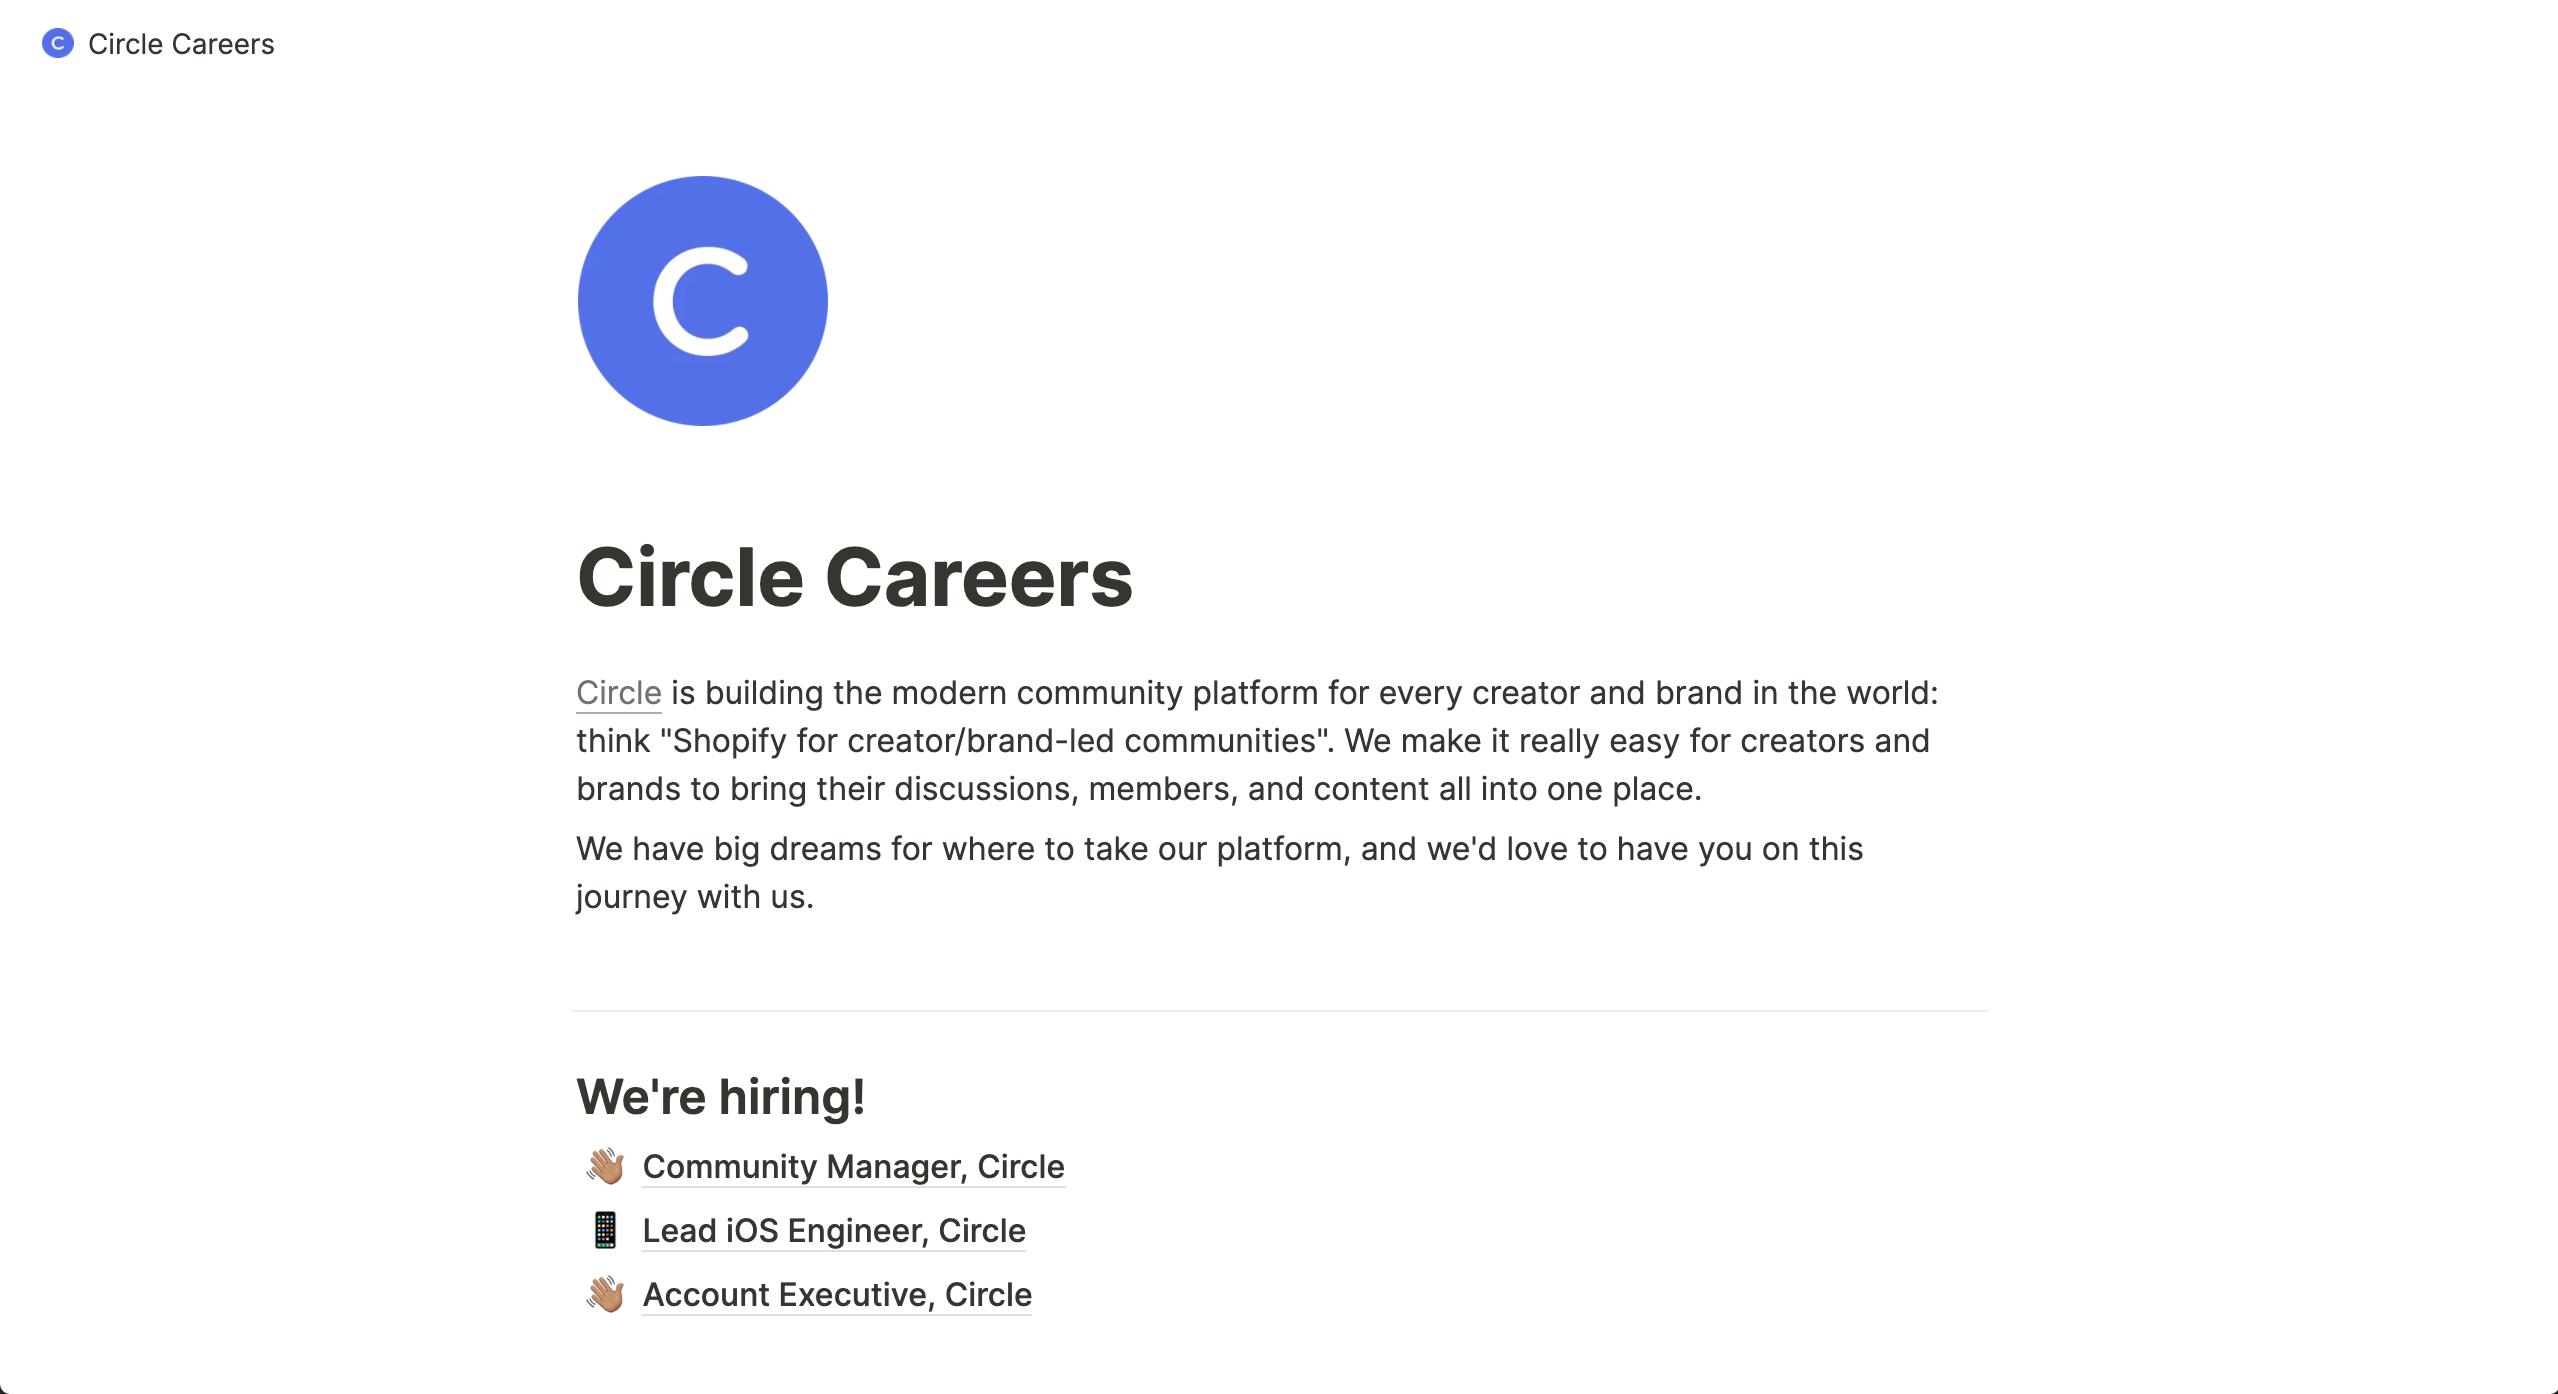 Circle Careers